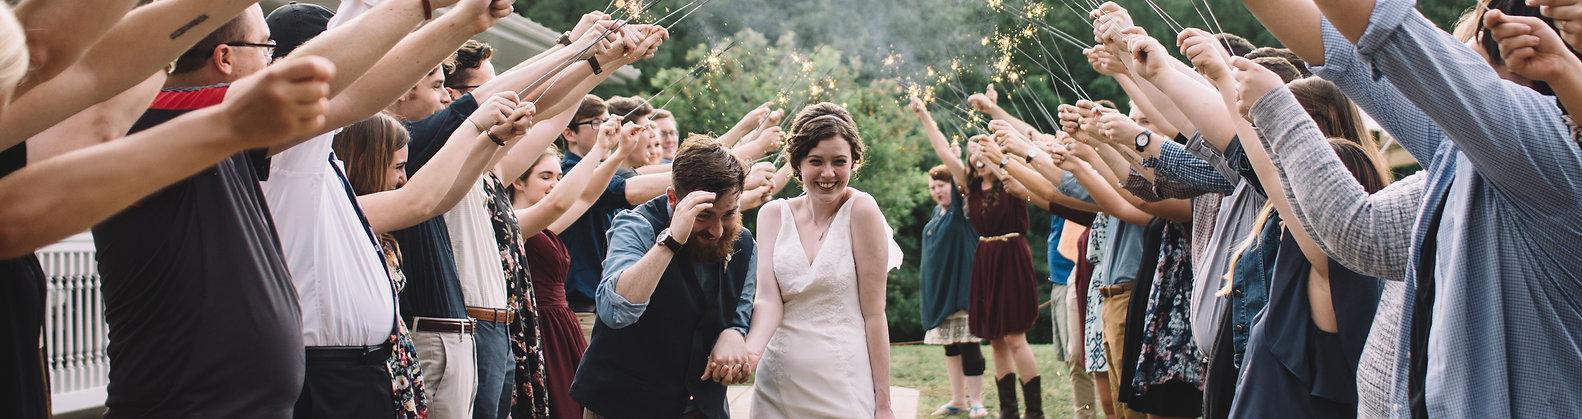 Wedding photography, Illinois Photogrpher, Lincoln, Midwest Photographer,Wedding Photography, Central Illinois